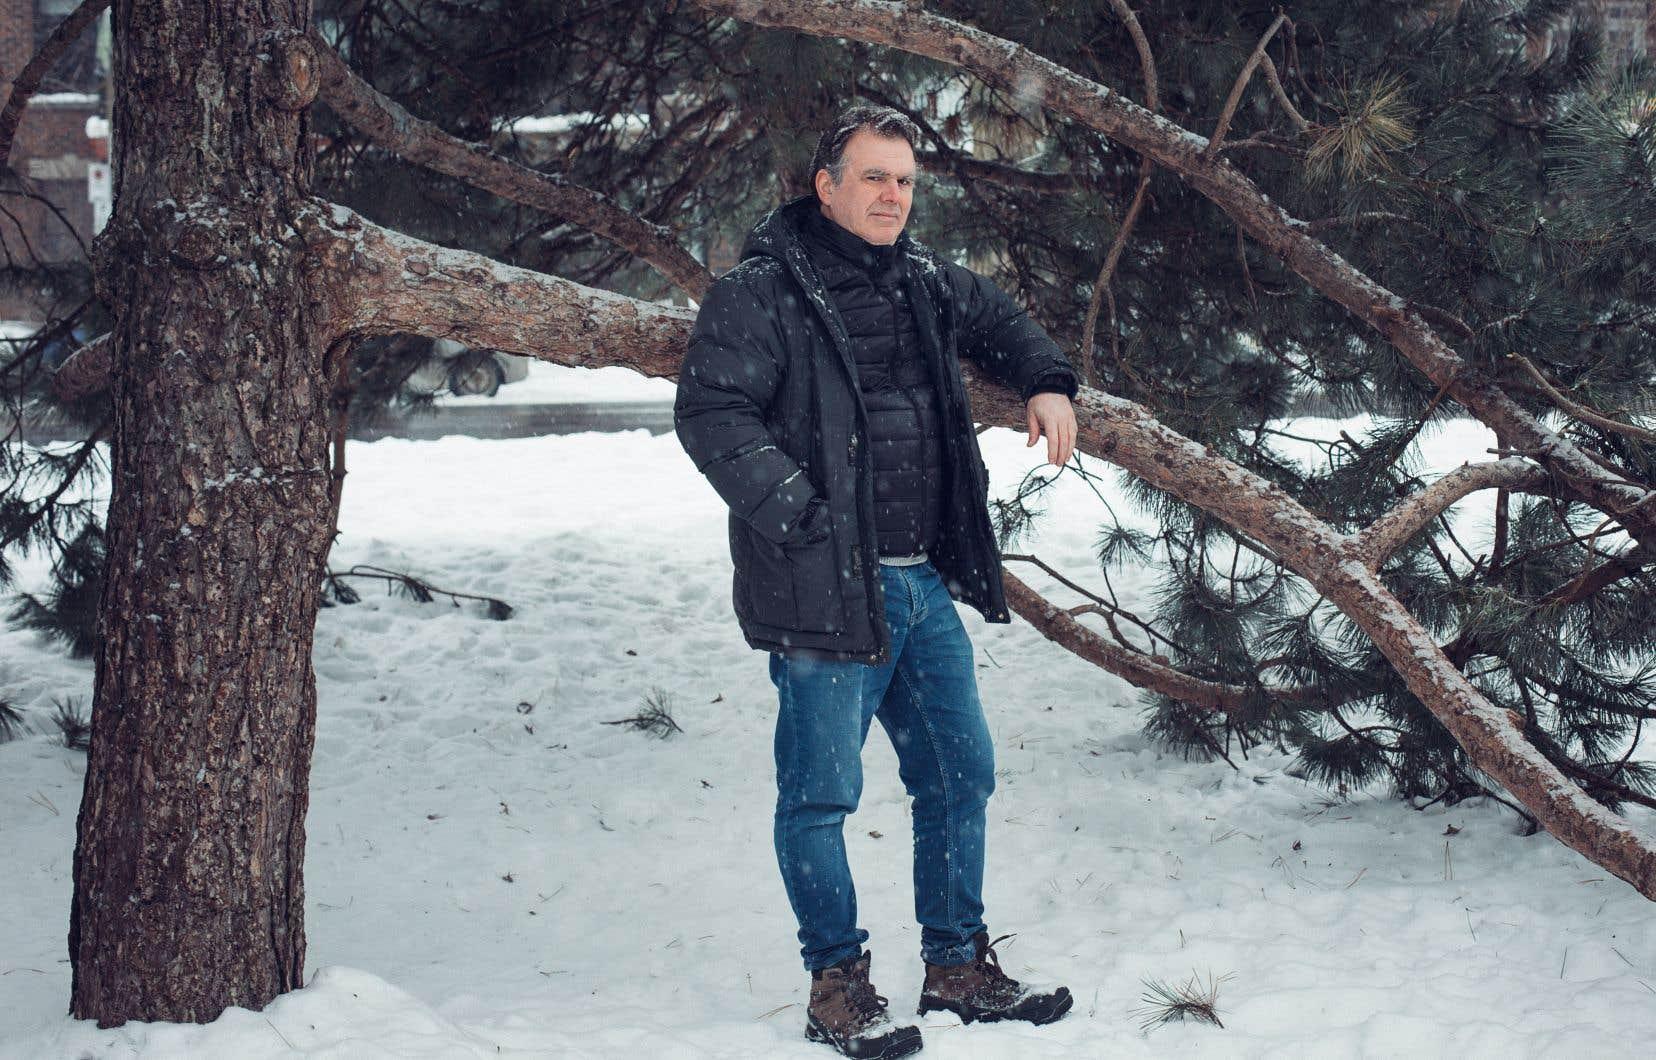 L'anthologisation de la série québécoise de l'auteur Patrick Senécal se fait par l'idée de suivre des personnages qui vivent la pire journée ou semaine de leur vie. Les épisodes déclinent les genres, allant de l'horreur au policier, en passant par le thriller et l'humour noir.